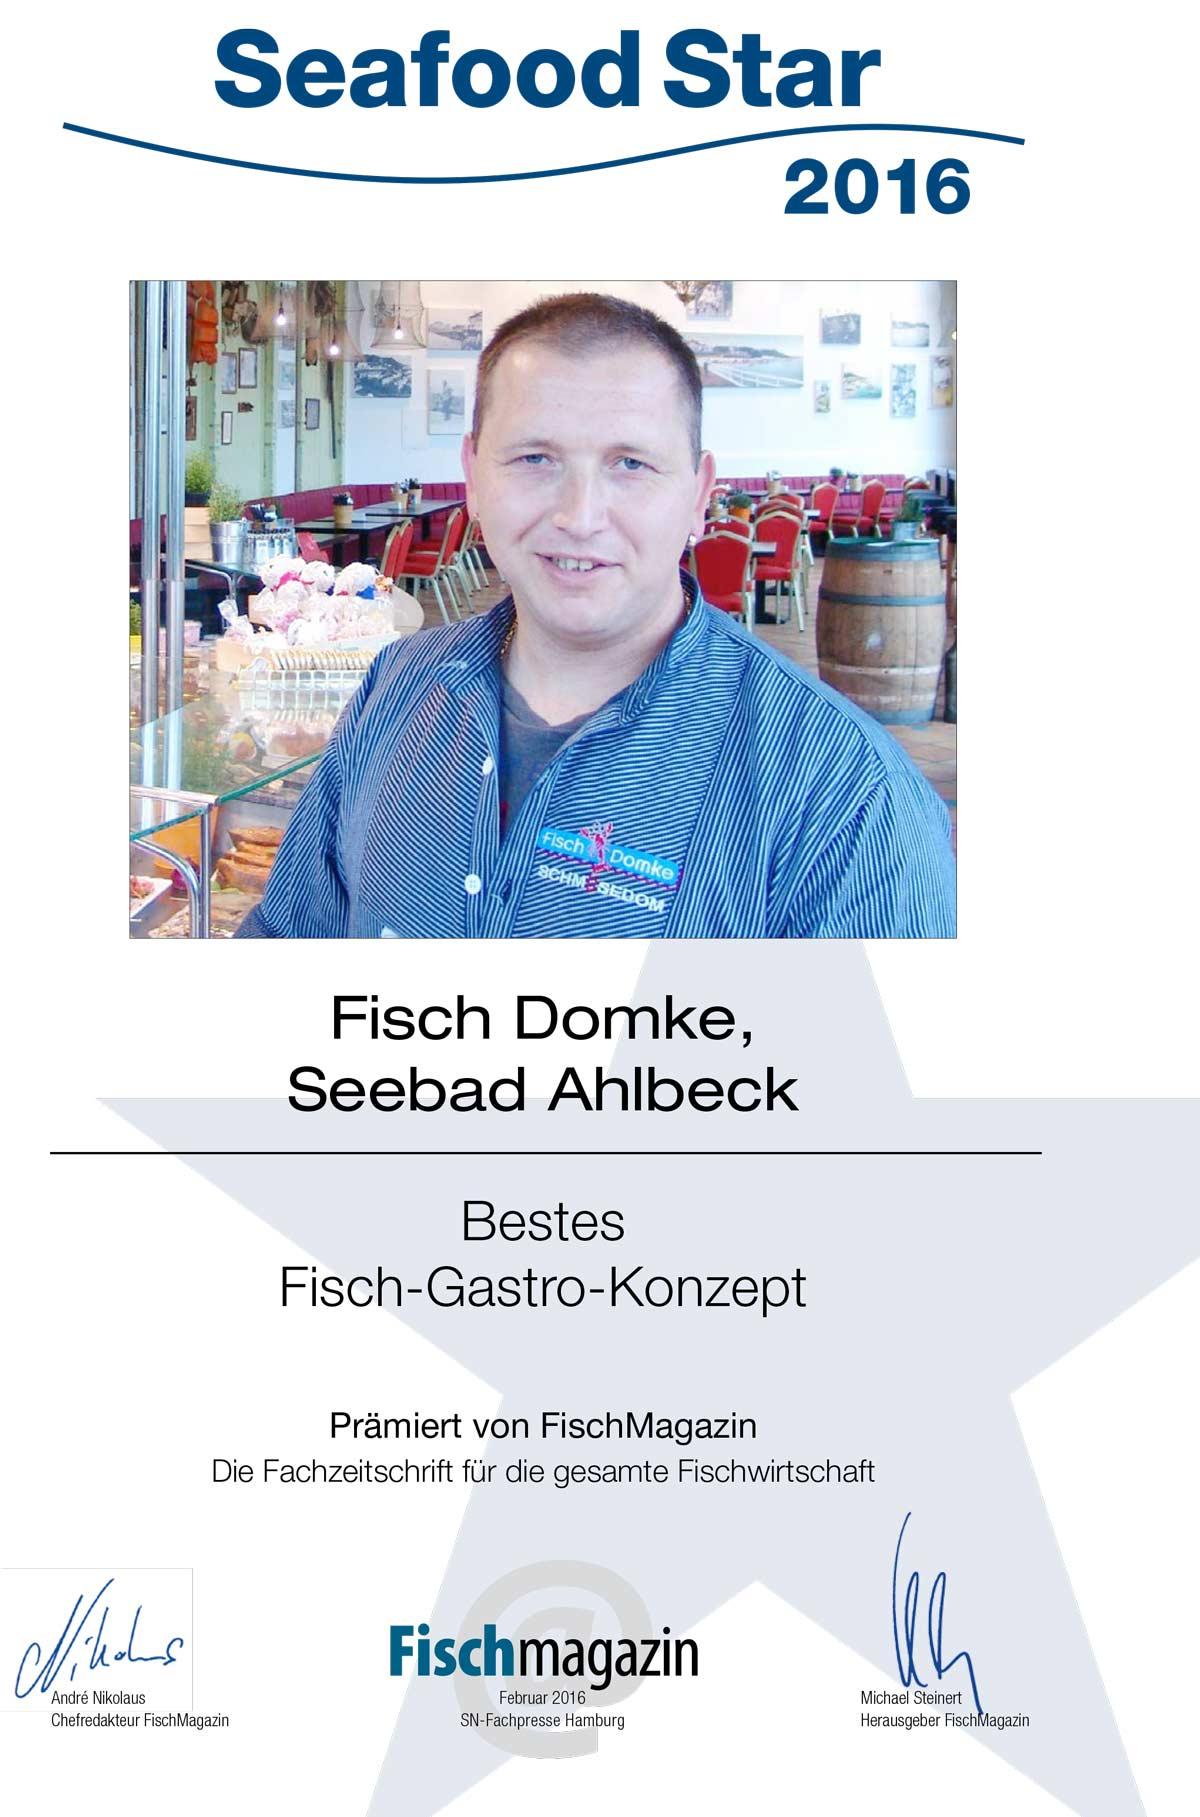 Urkunde Seafoodstar 2016